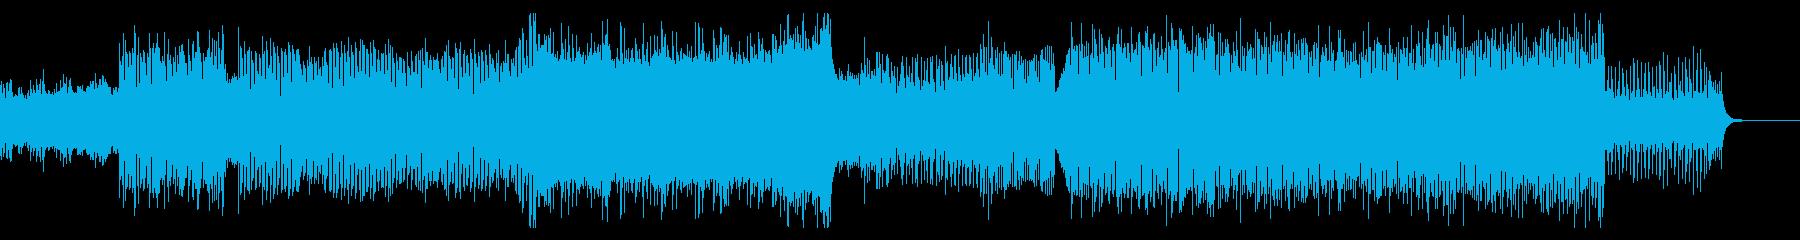 疾走感 EDM オープニング 企業VPの再生済みの波形